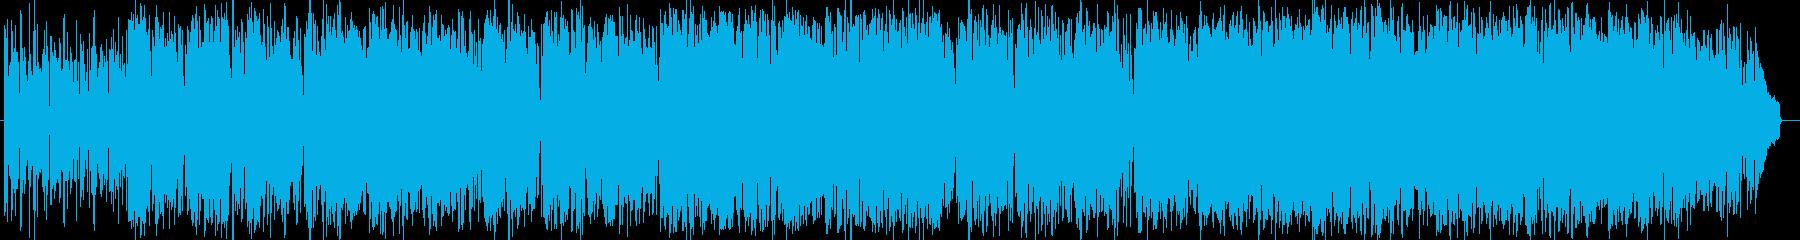 穏やか安らぐシンセサイザーサウンドの再生済みの波形